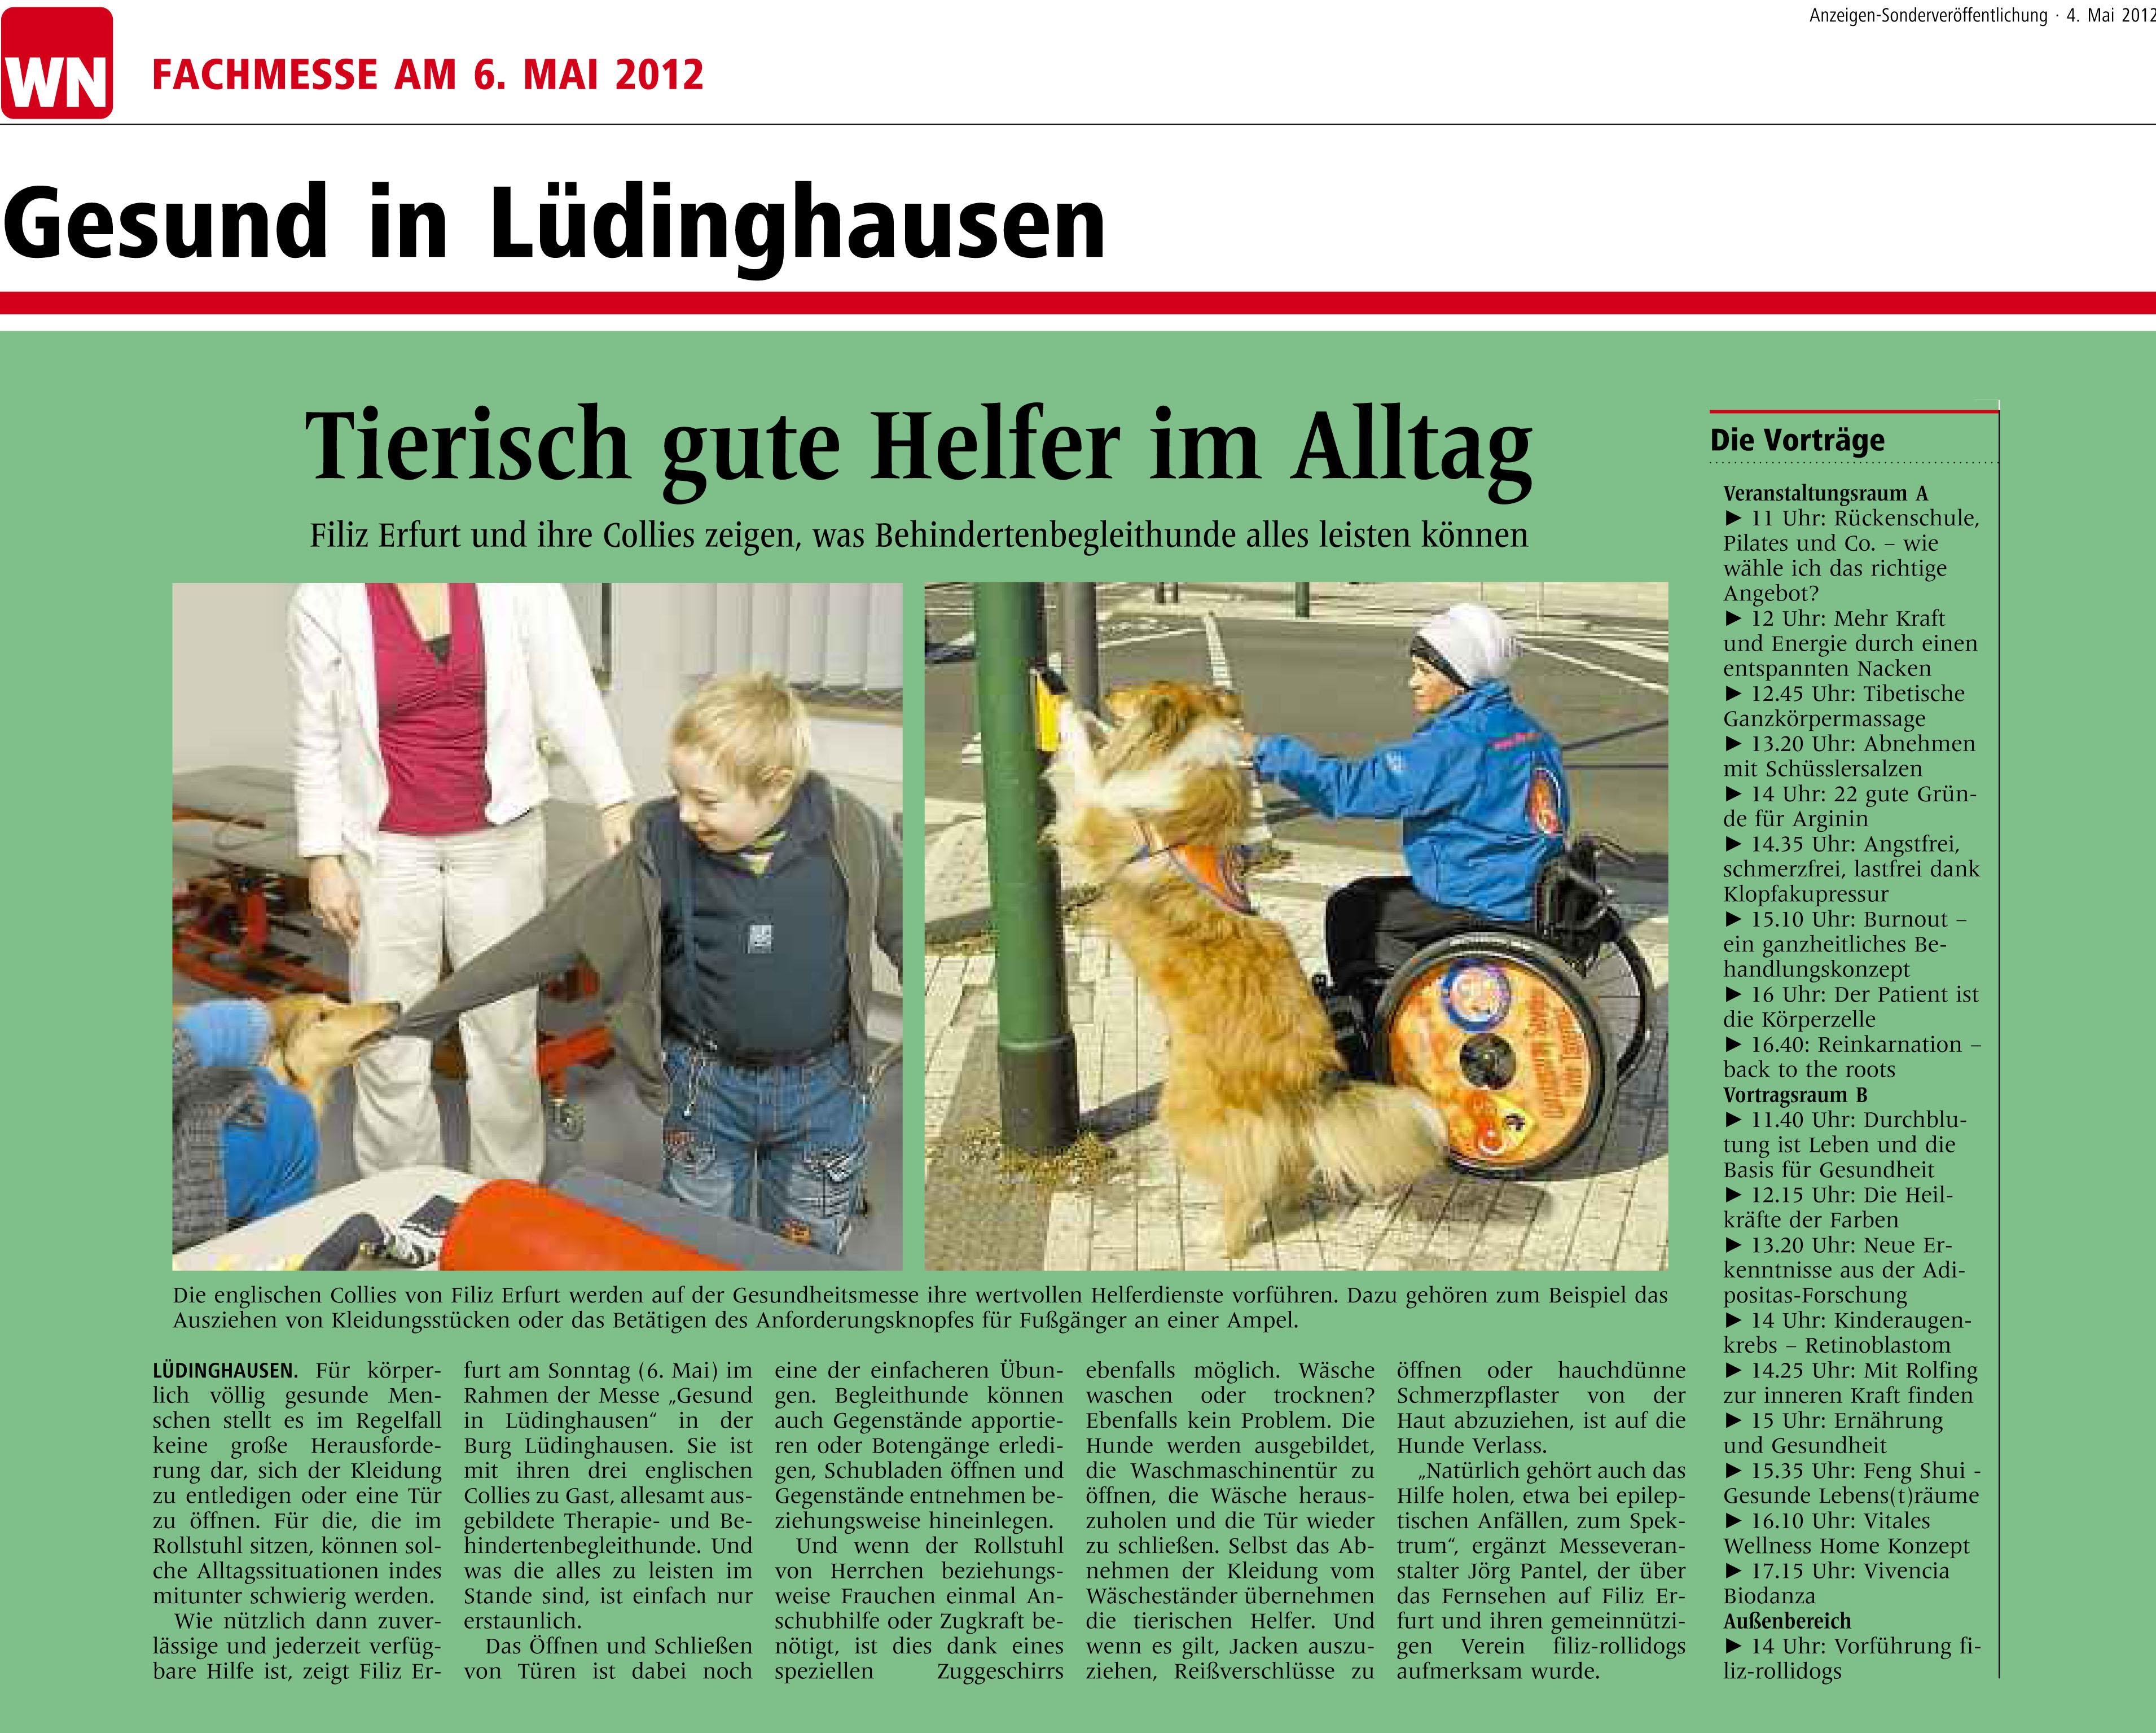 Luedinghausen3